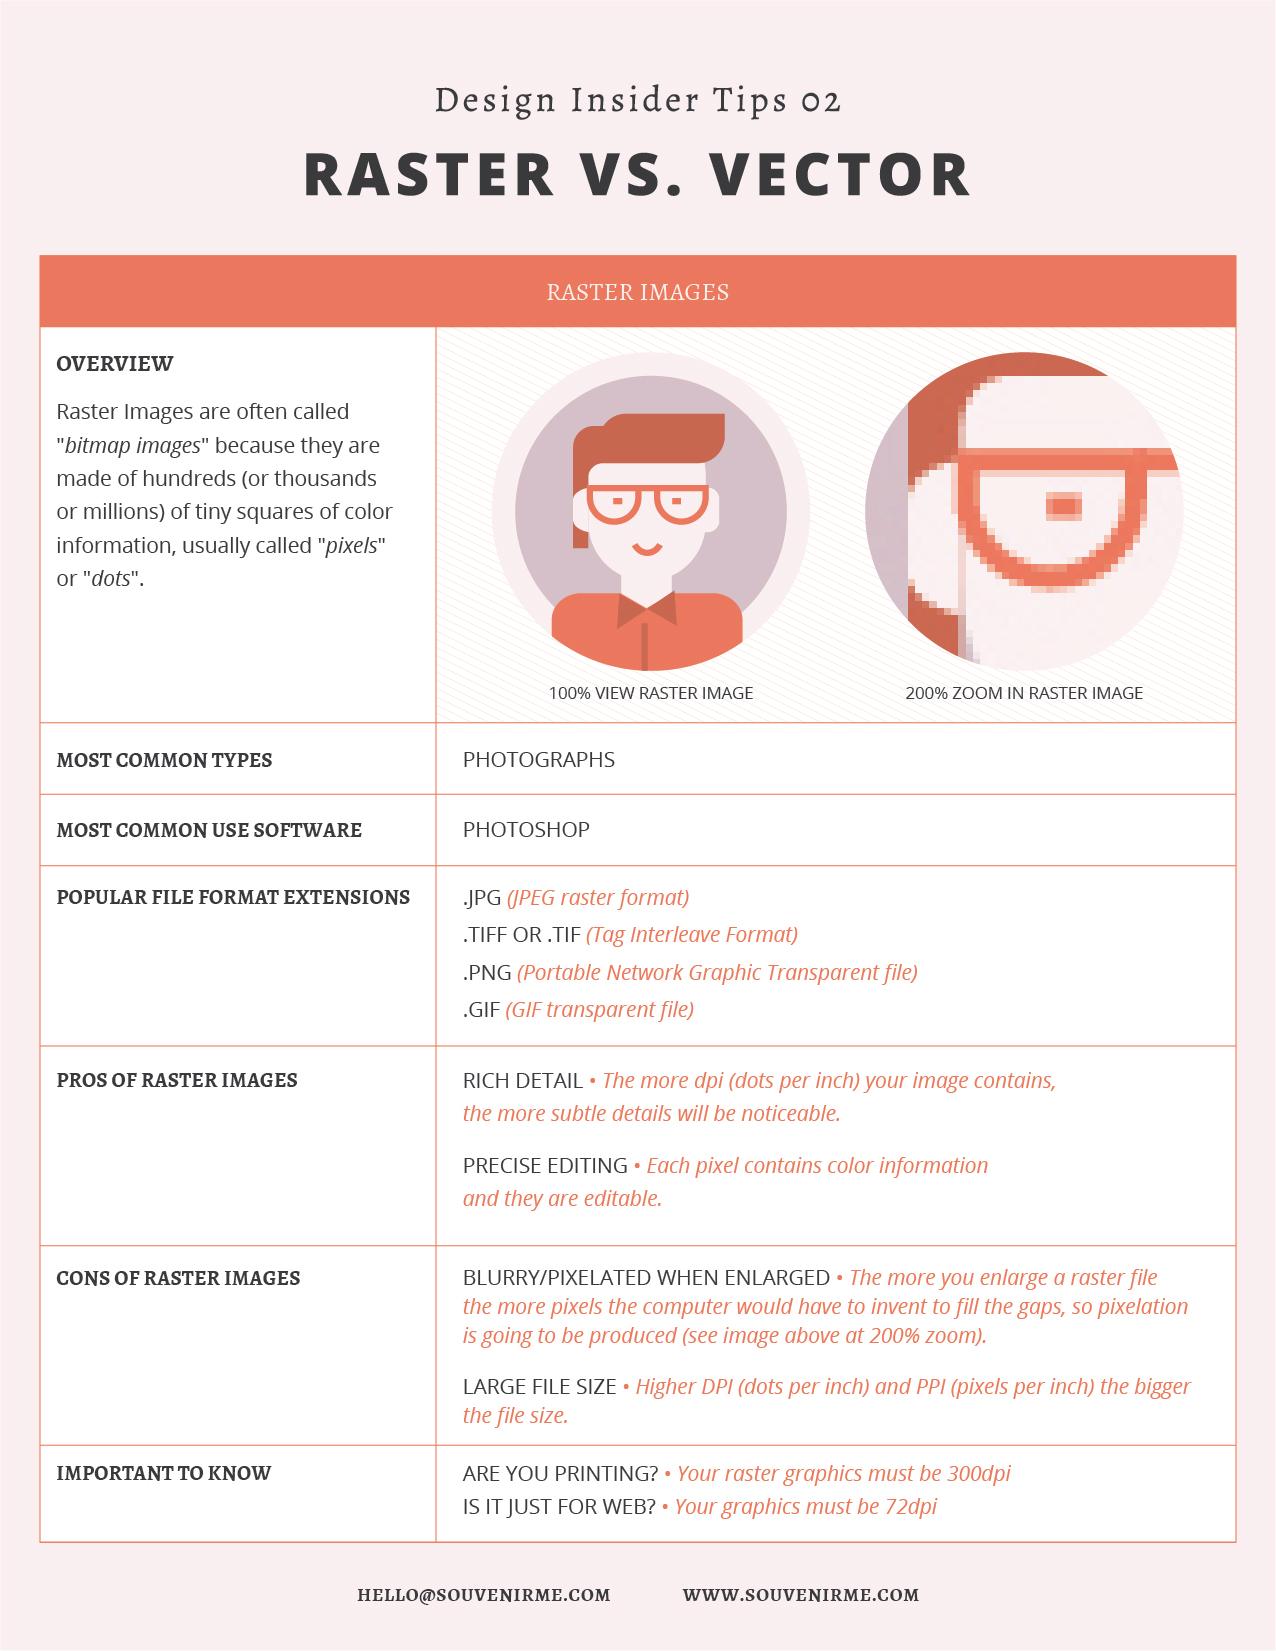 Design Insider Tips 02.jpg